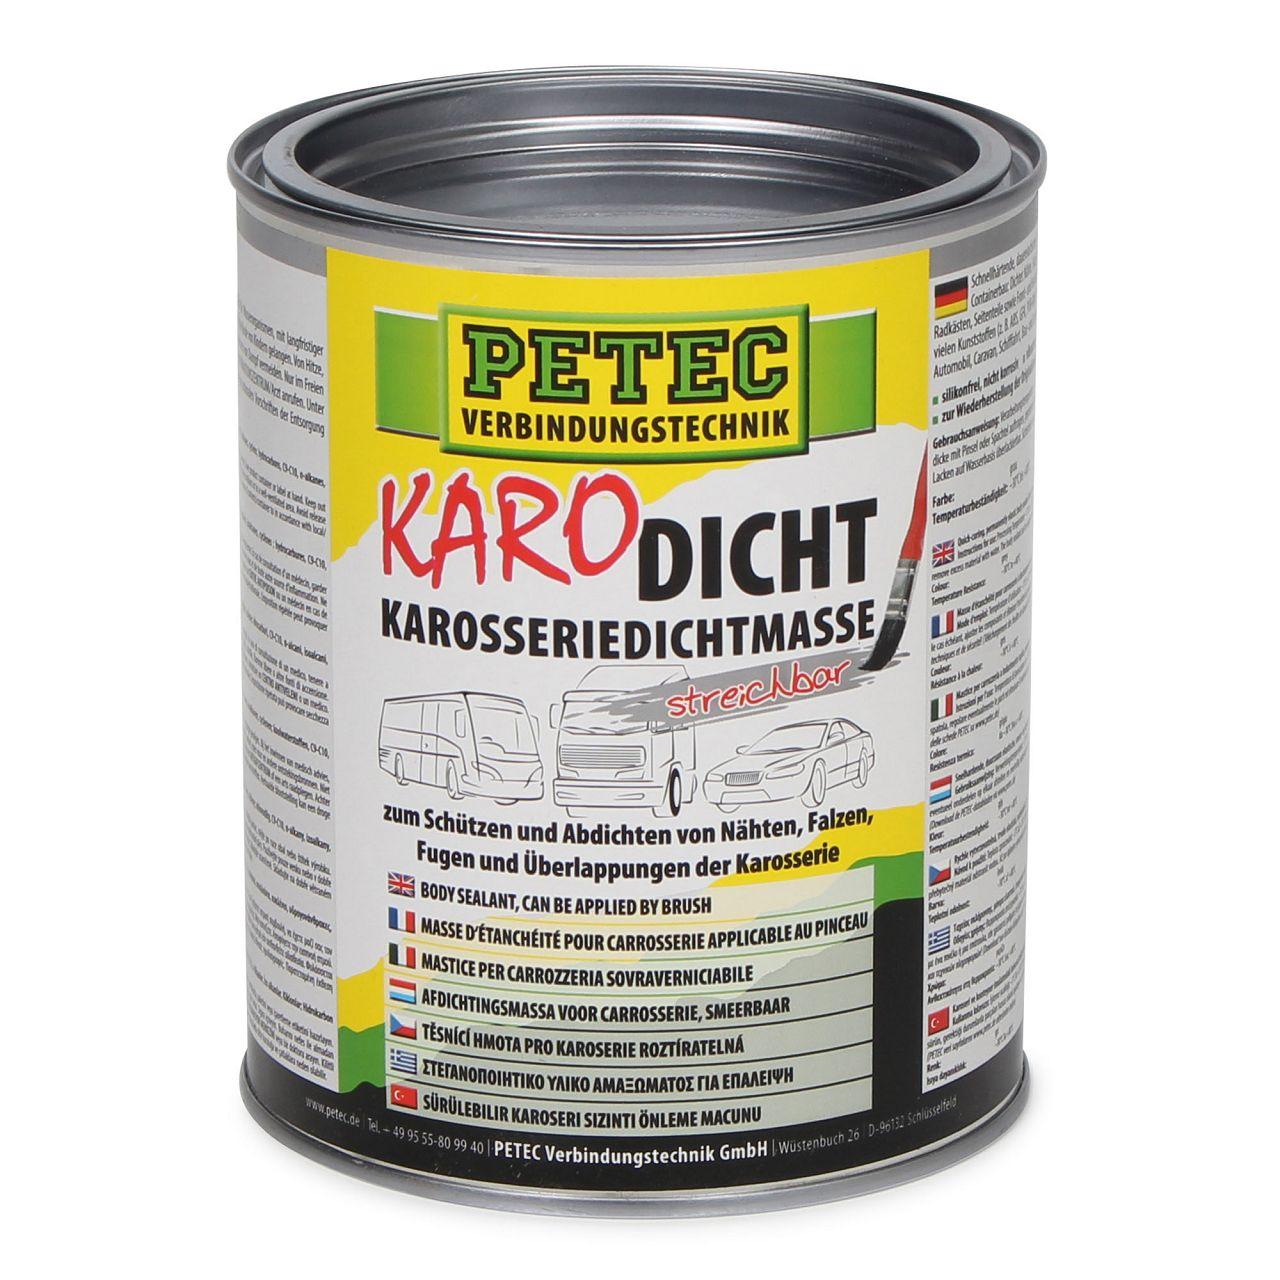 PETEC 94130 Karodicht Karosseriedichtmasse Dichtmasse streichbar 1000ml 1 L GRAU